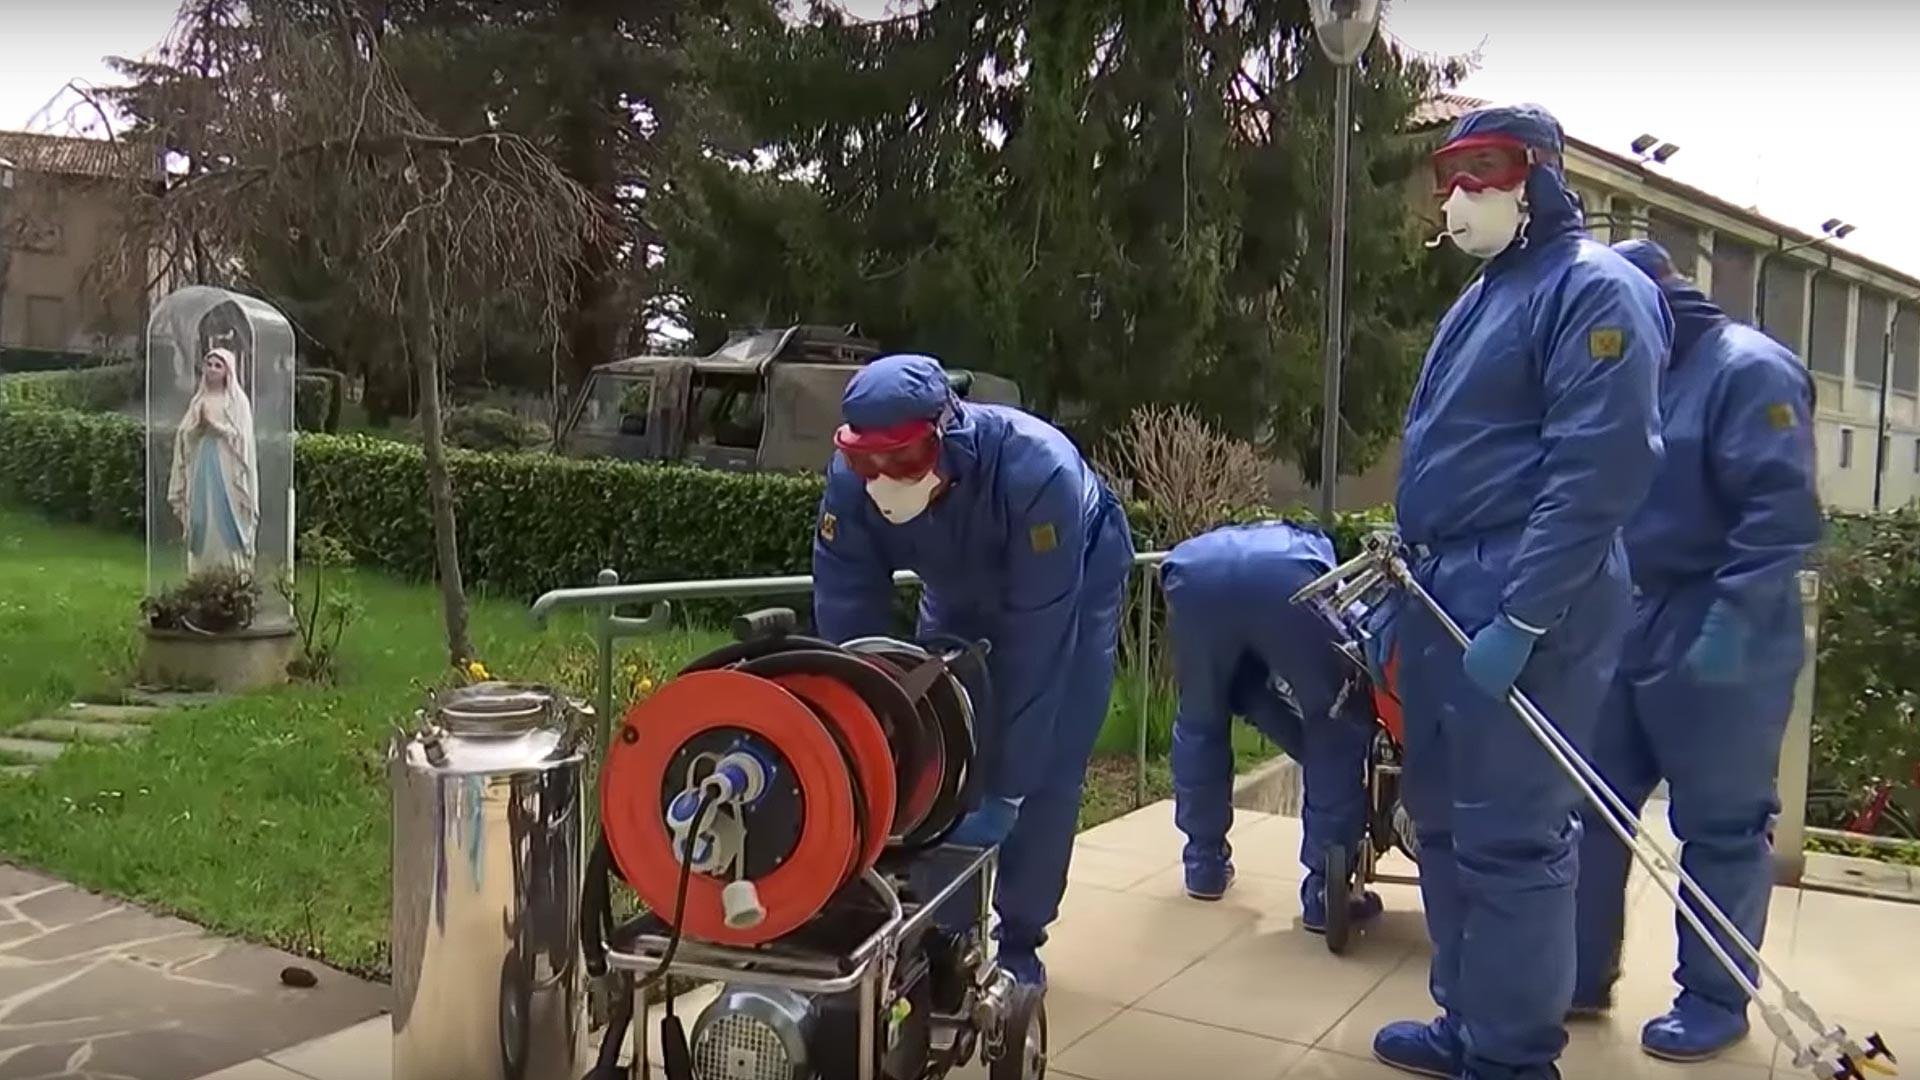 ロシア軍のチームは毎日、3カ所の施設で除菌作業を行っているが、このそれぞれの活動には専門家による個別のチームが参加している。